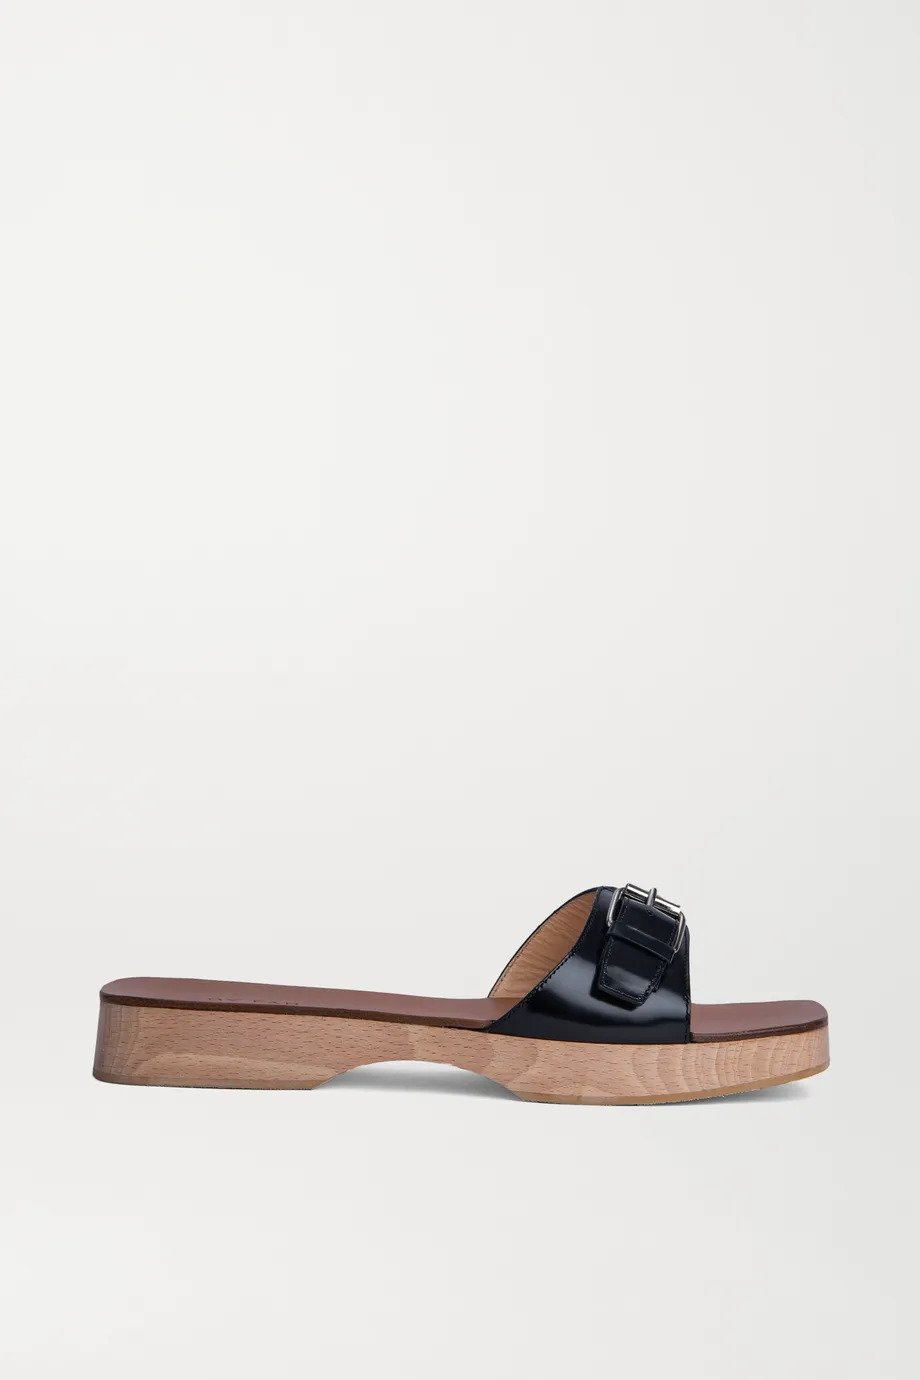 BY FAR, Buckled leather slides, от 537лв на 161лв